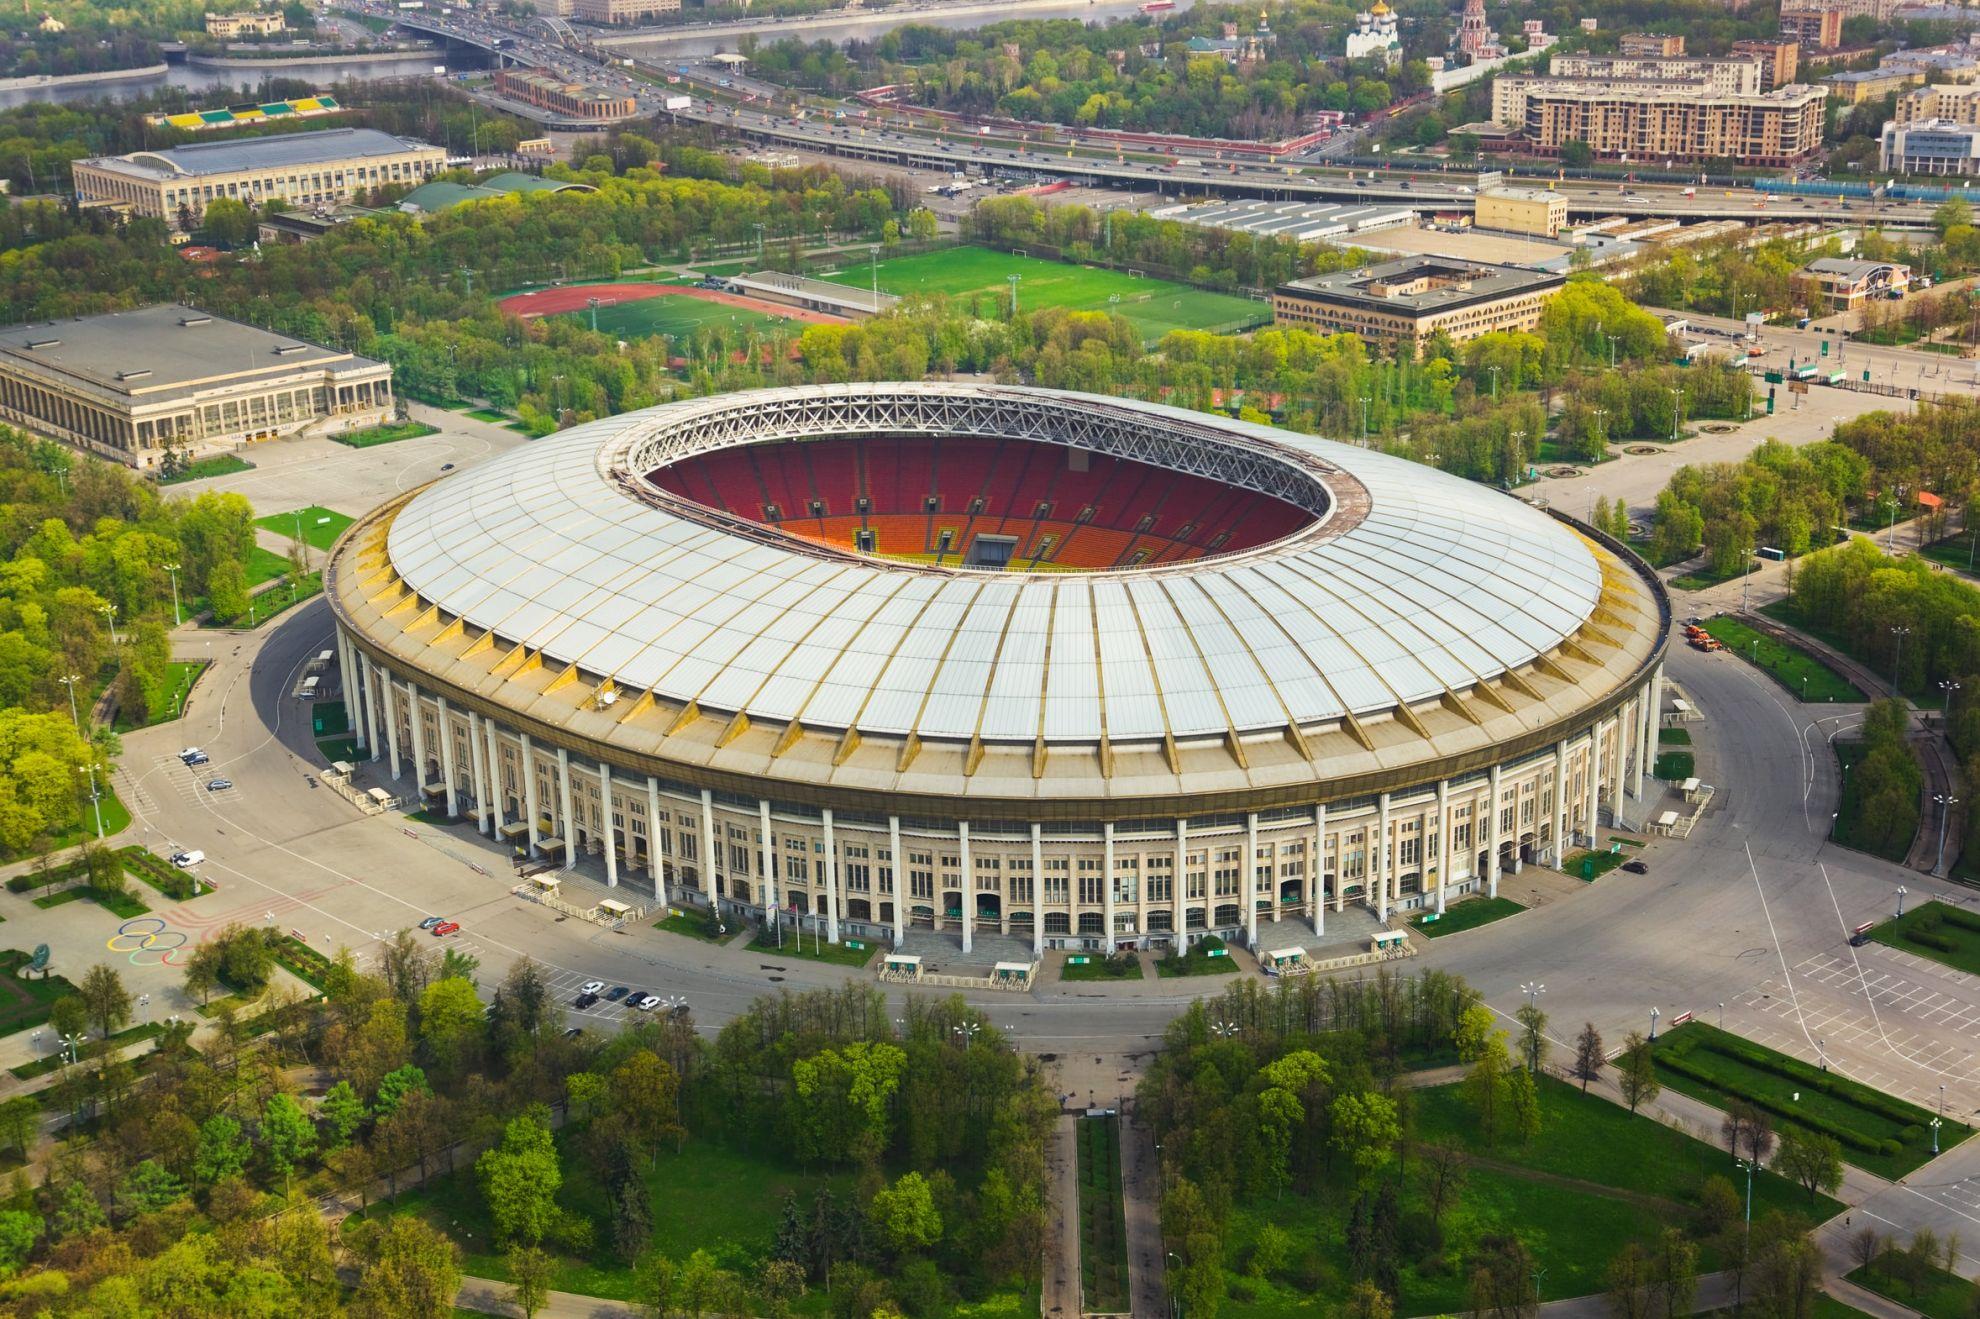 Wm Stadion Moskau